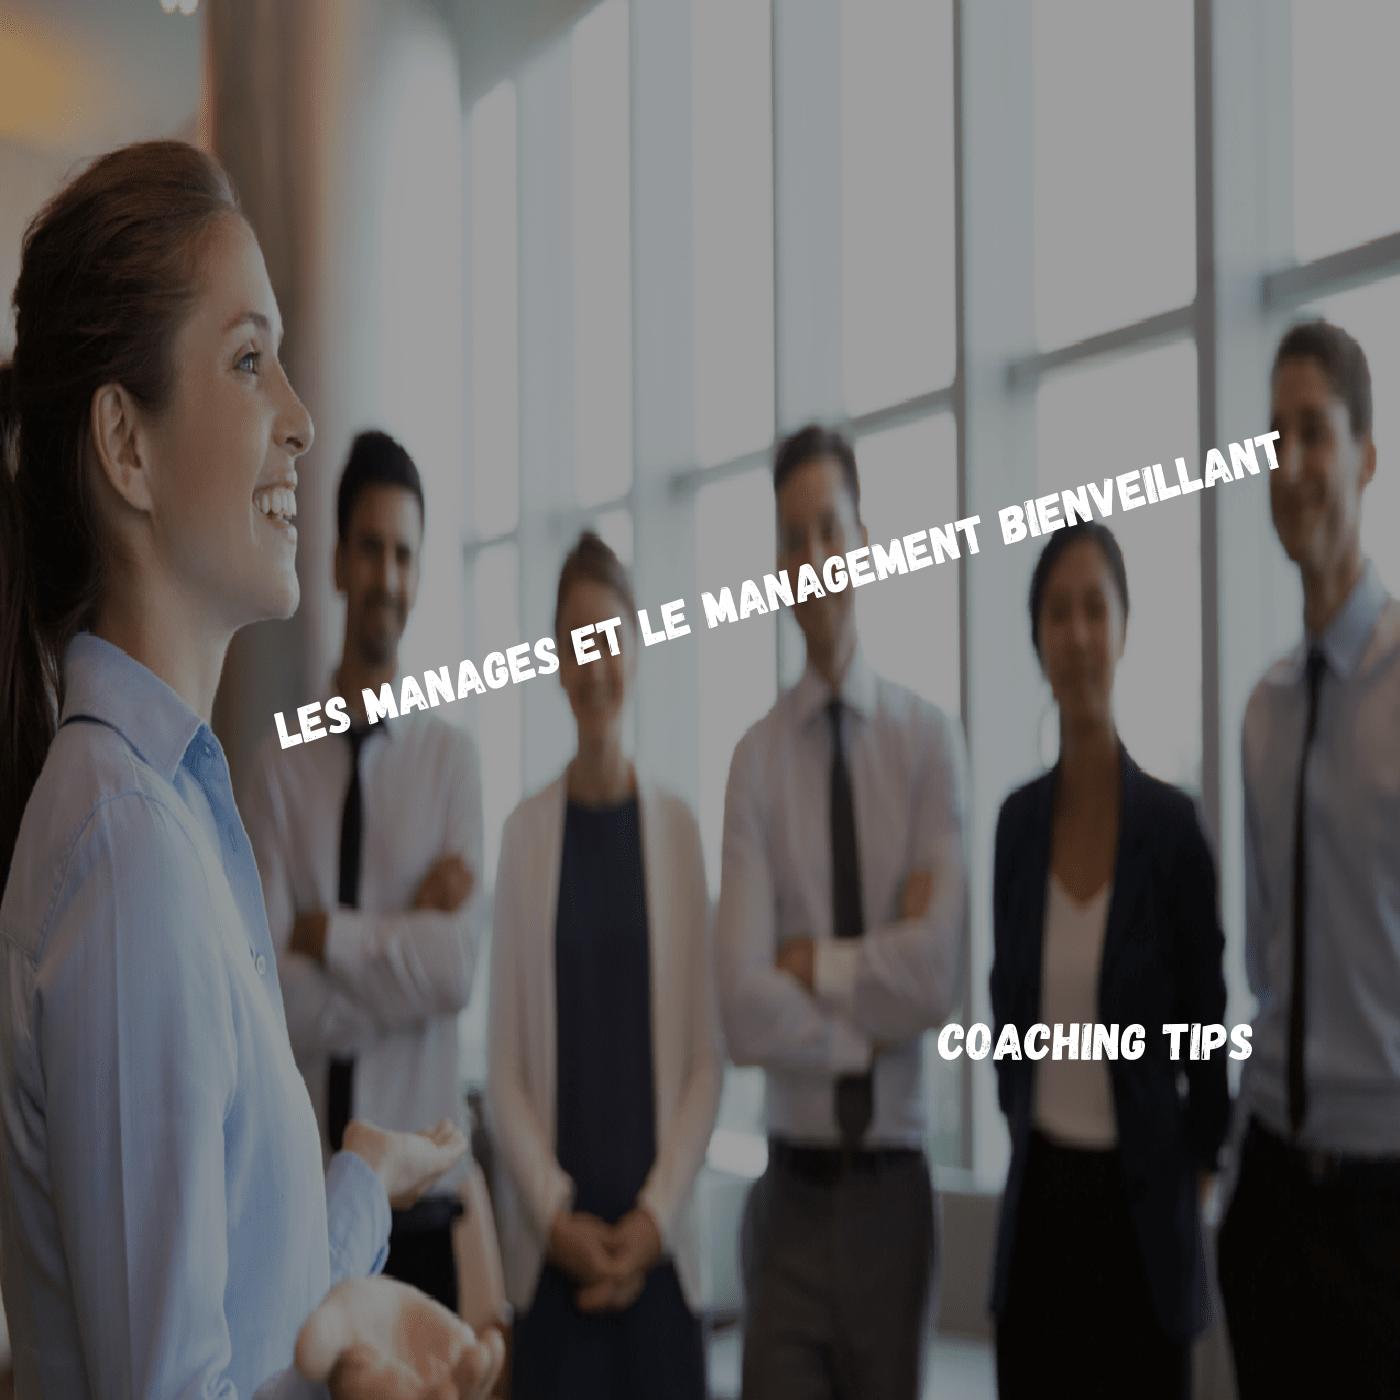 Les managés méritent-ils des managers bienveillants ?